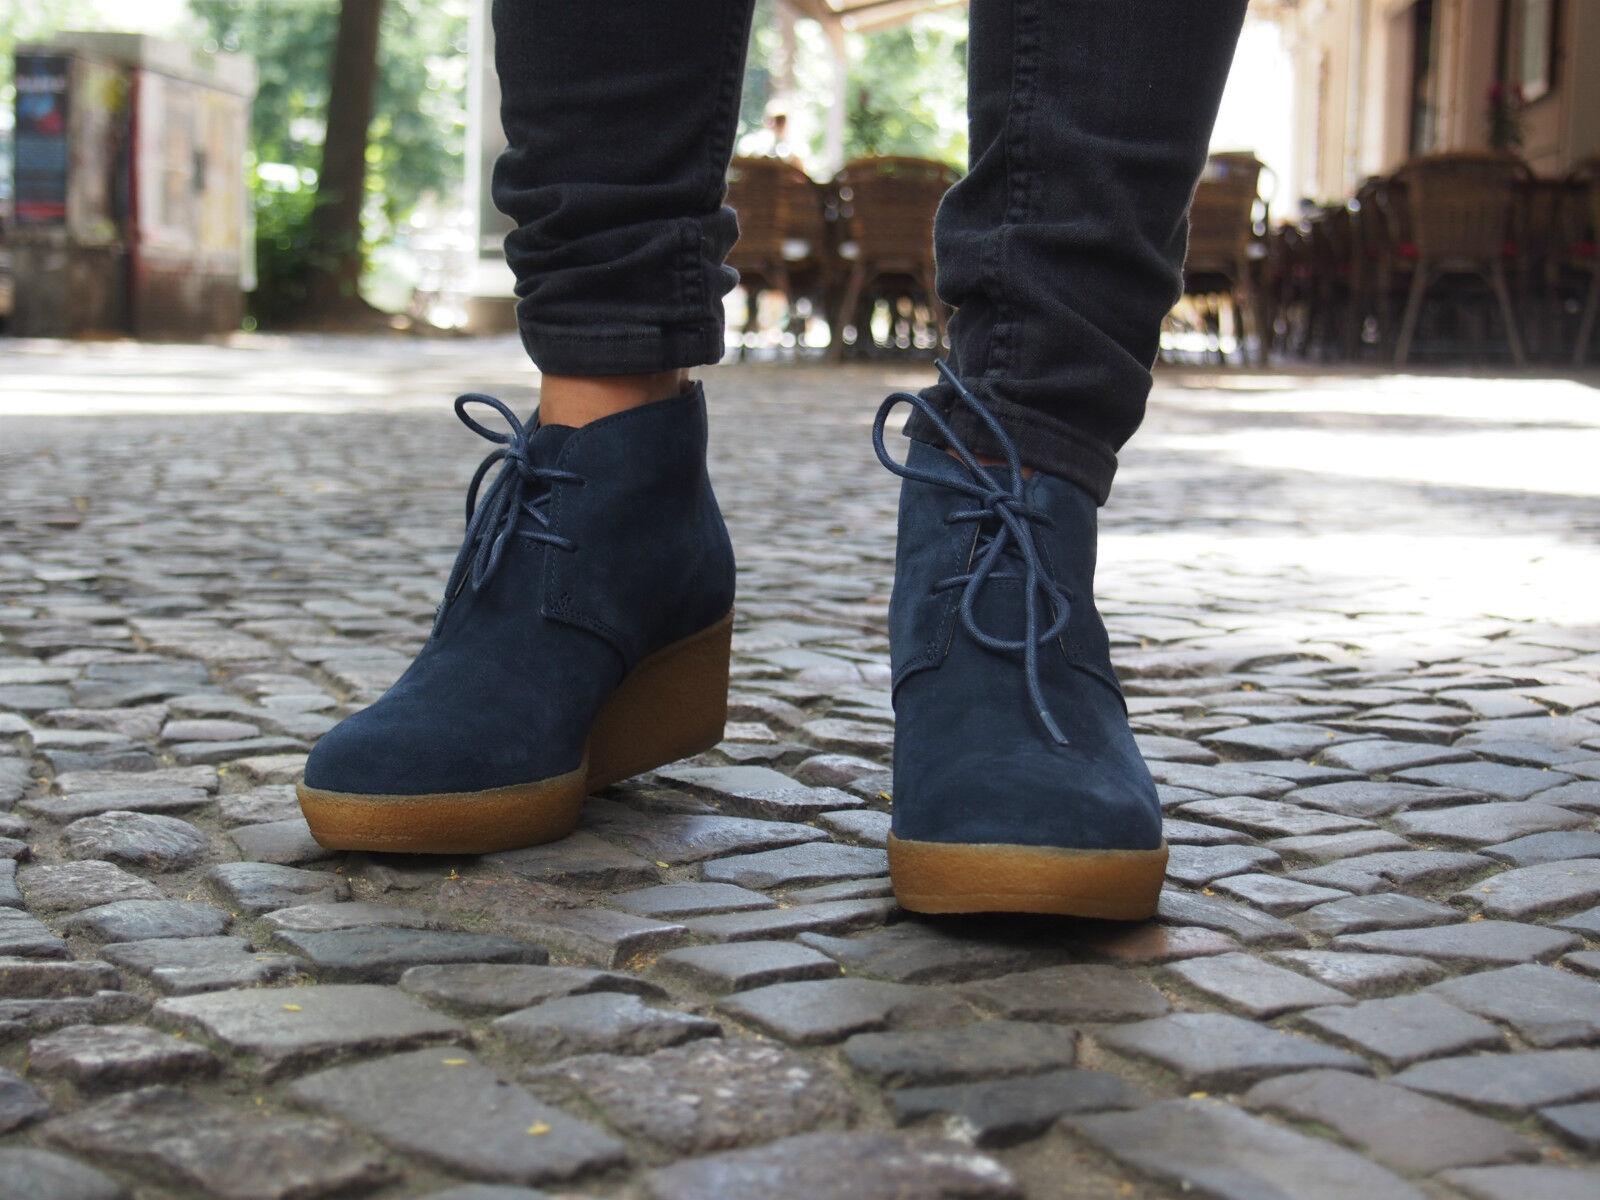 Clarks Schuhe Originals ATHIE TERRA navy navy navy dunkel blau Echtleder Ankle Stiefel NEU 378026